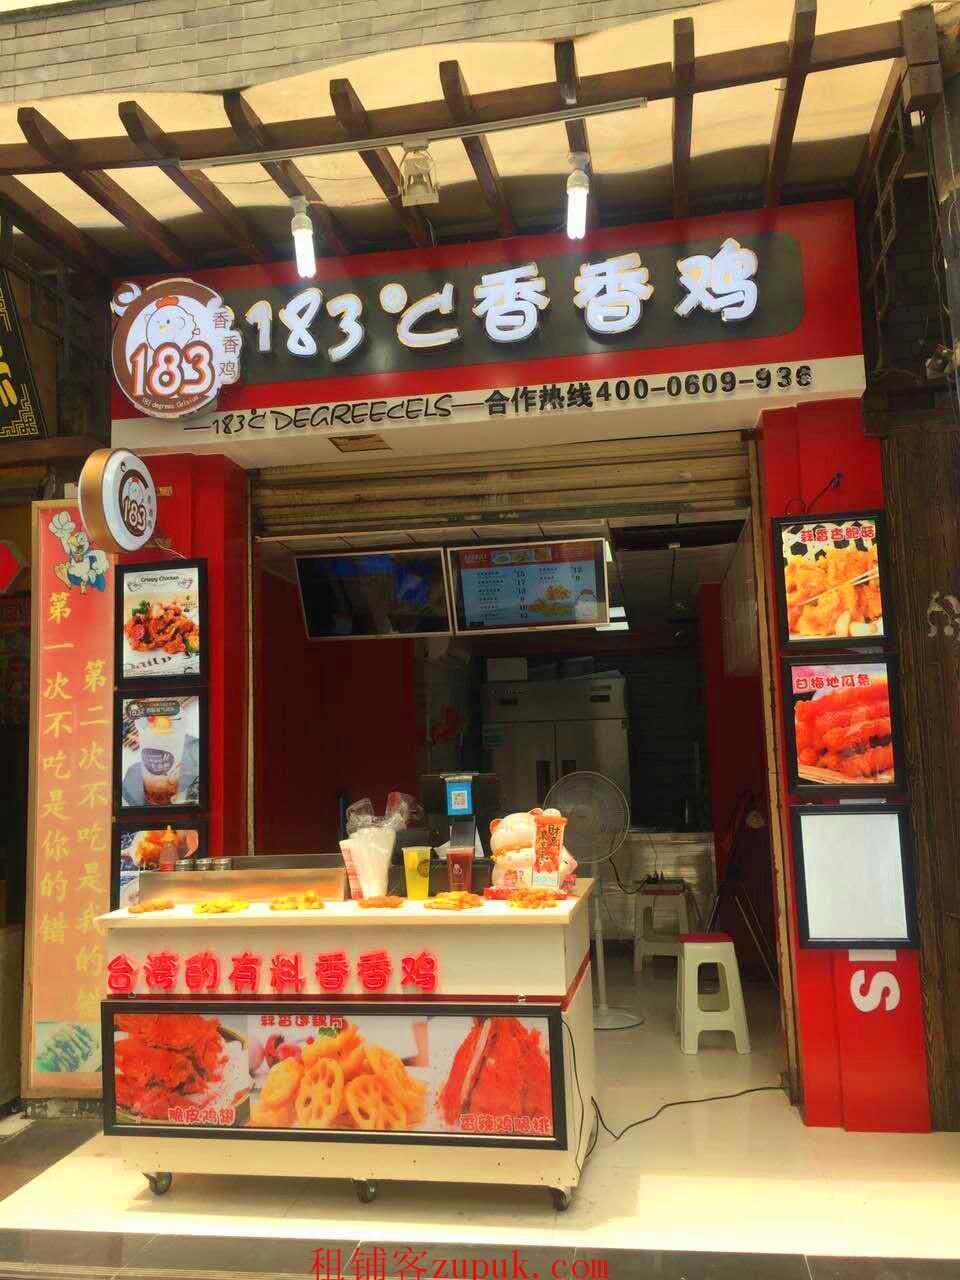 户部巷餐饮店面诚心转让(可空转)